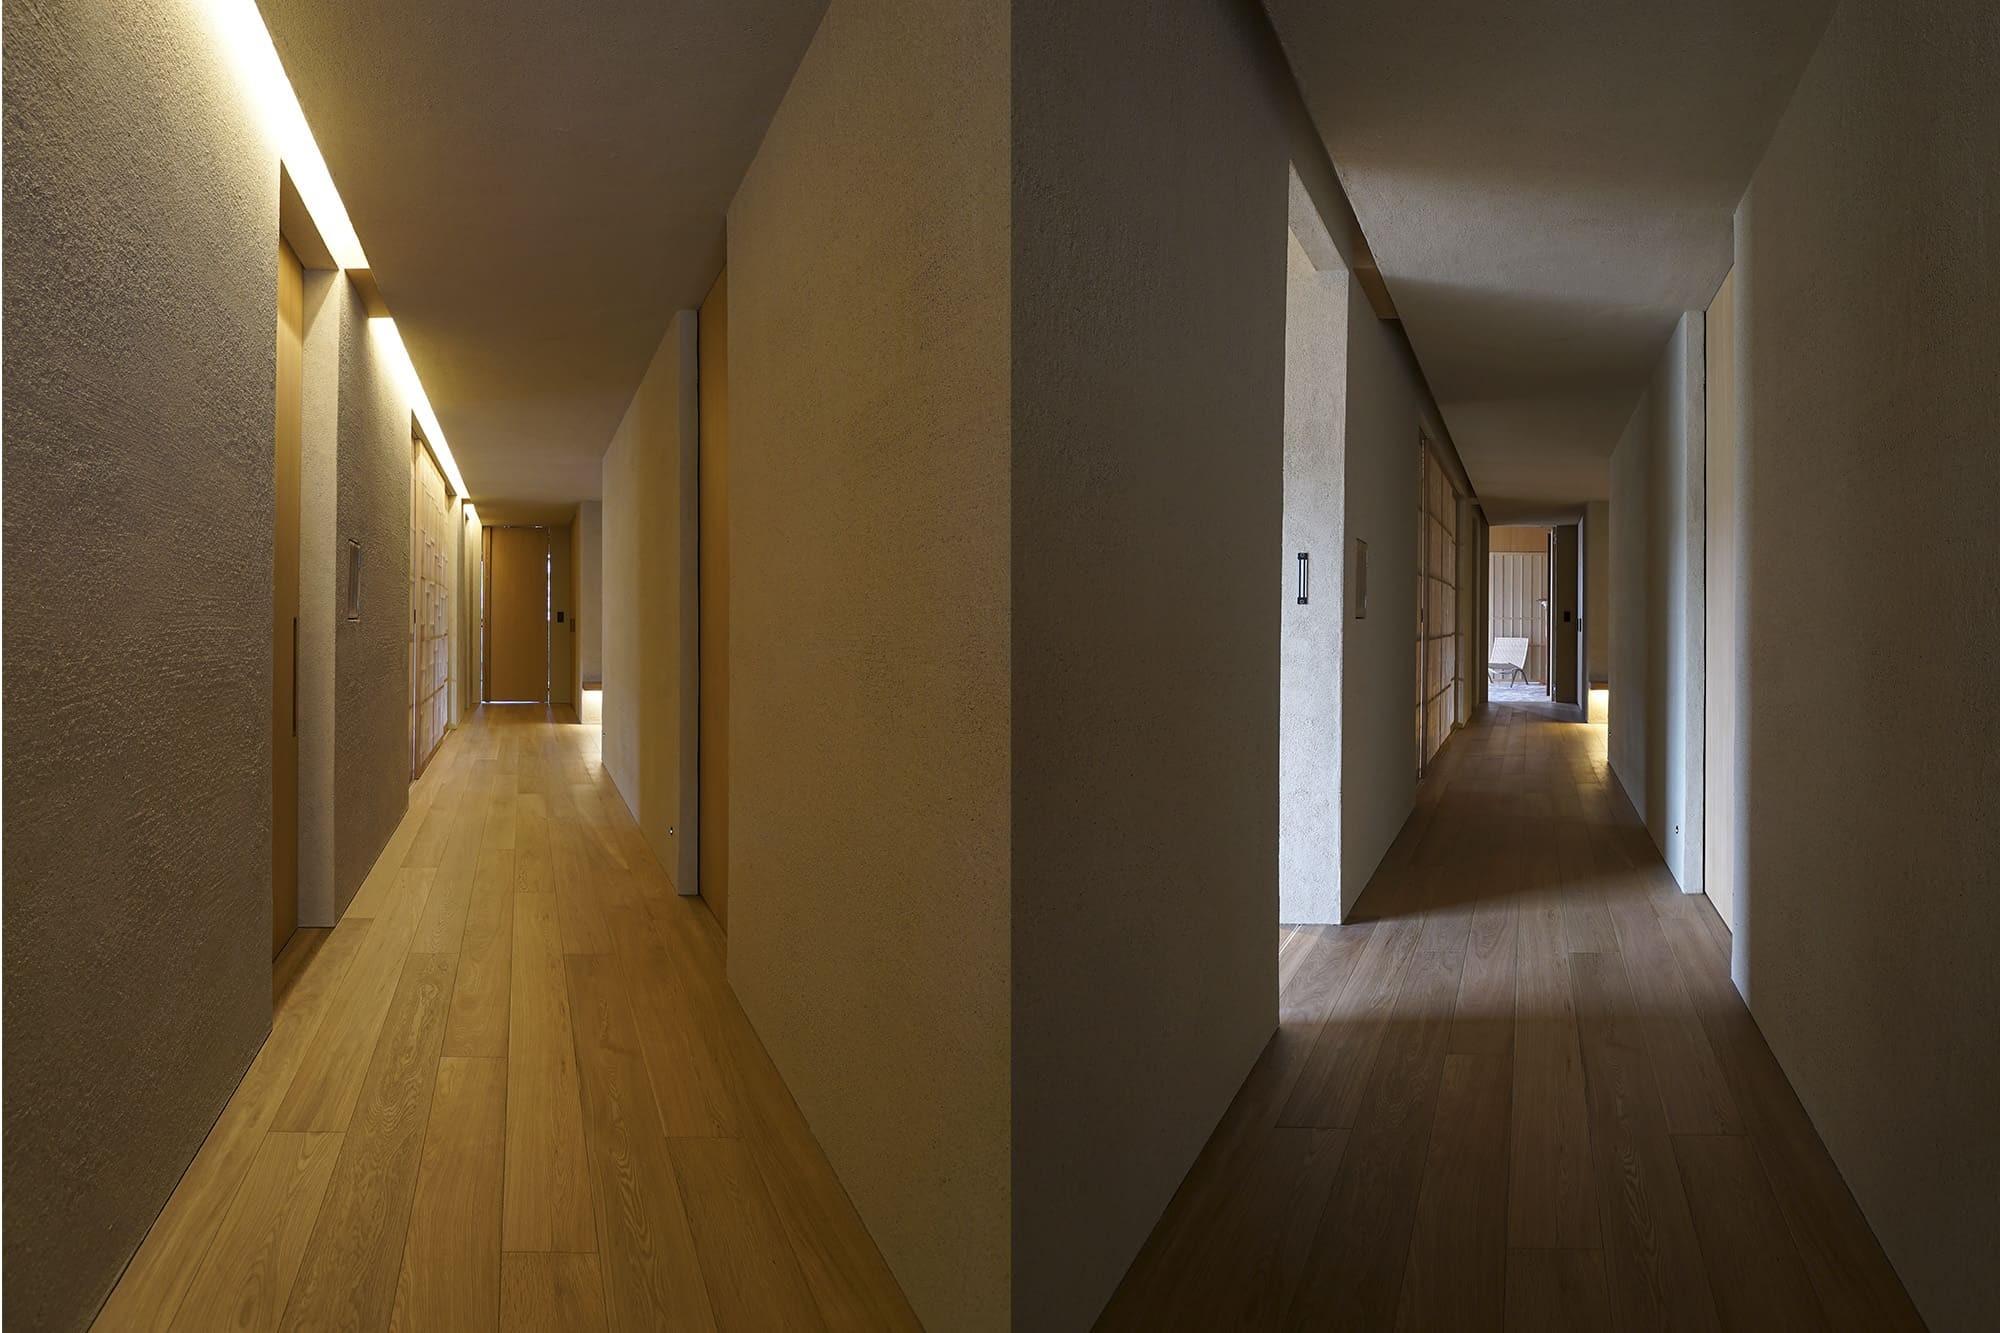 その他事例:豊中の家 廊下(豊中の家)